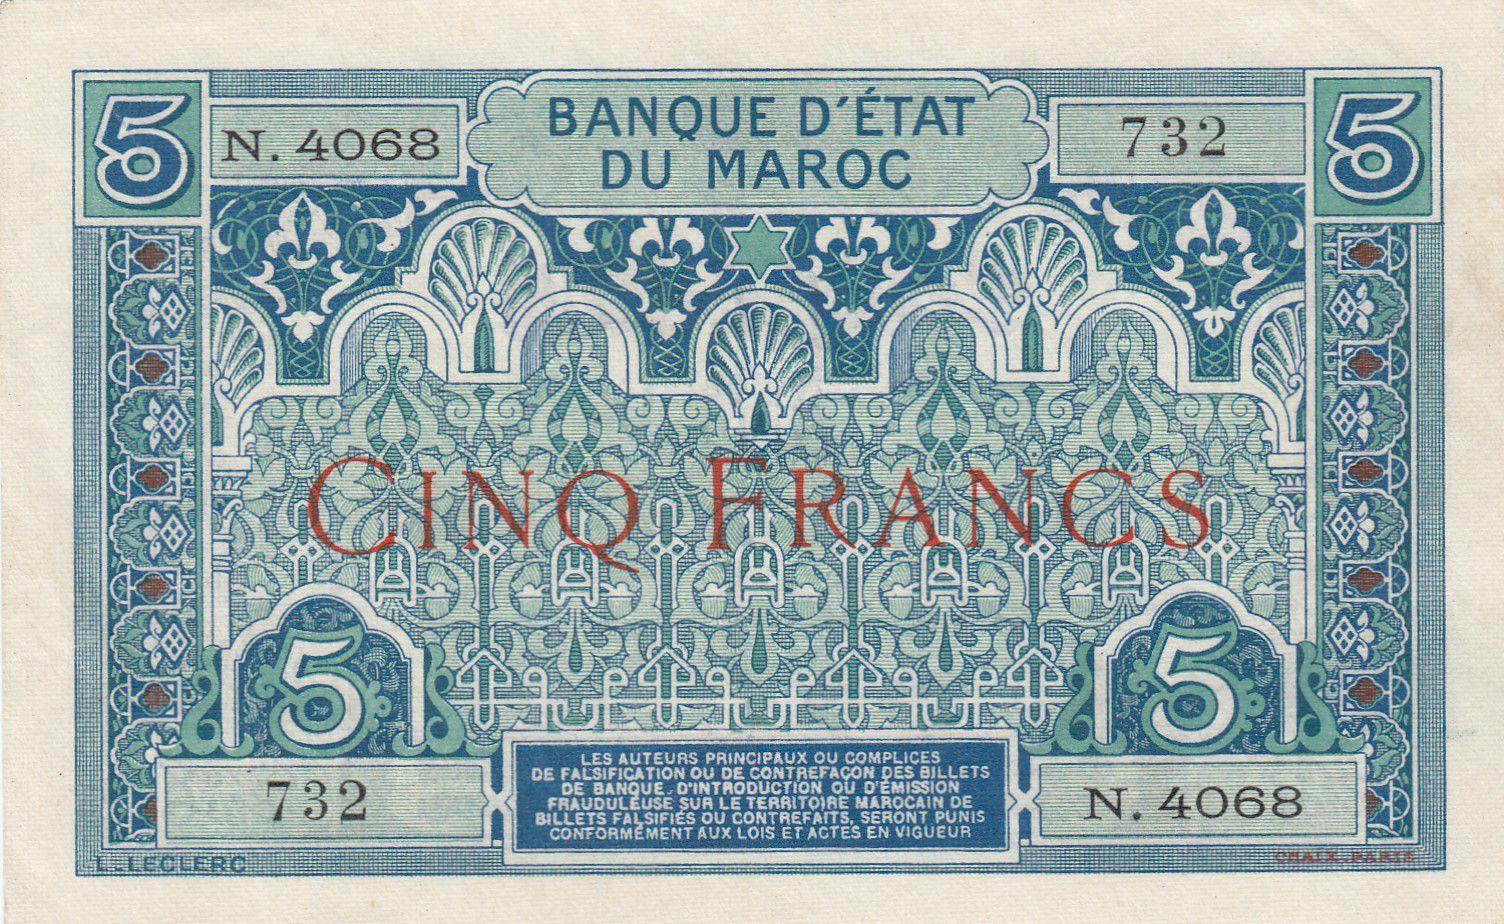 Maroc 5 Francs Ornements - 1924 - Série N.4068 - SUP - P.9